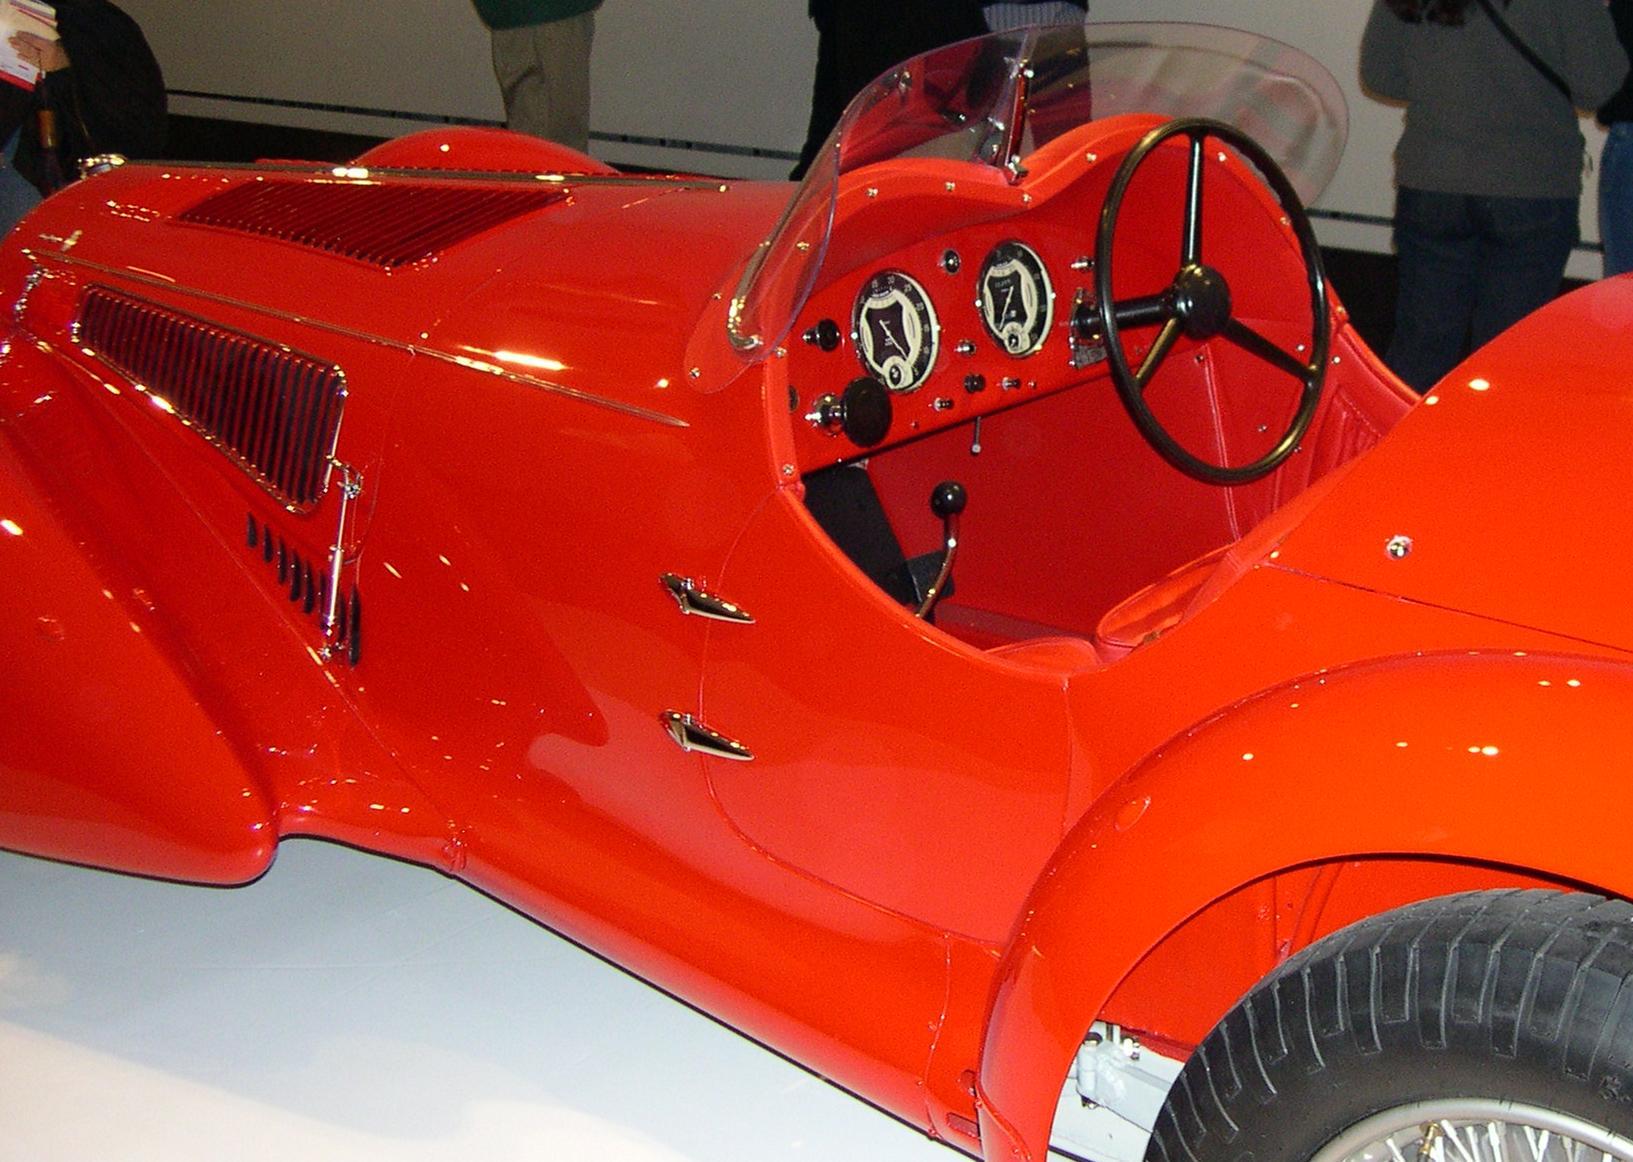 Rosso Corsa Wikipedia